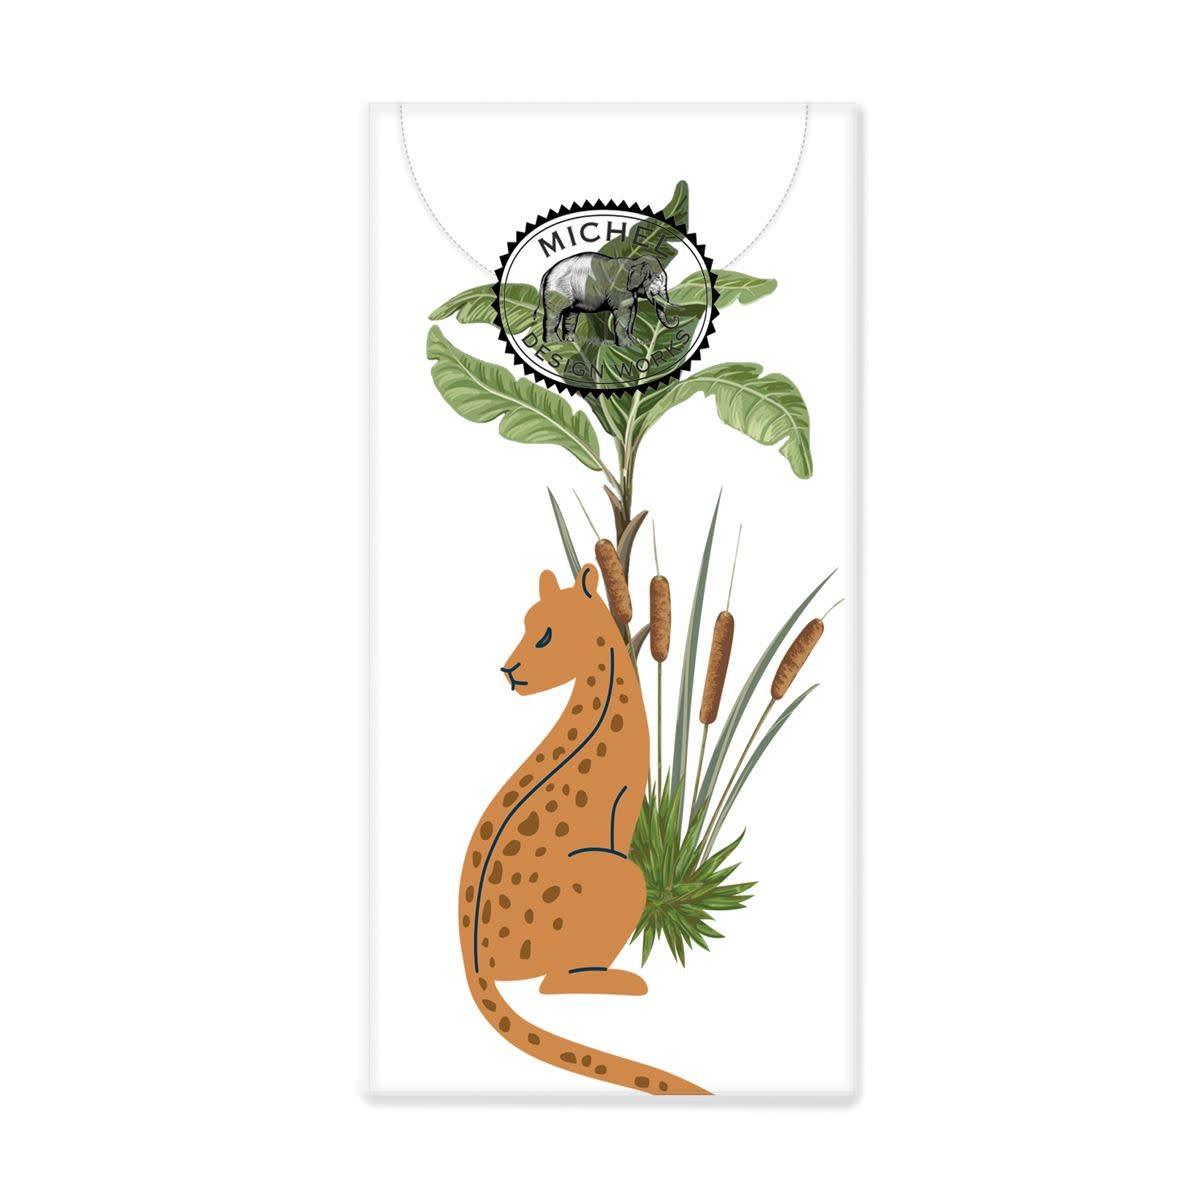 Michel Design Works Wild Lemon Pocket Tissues